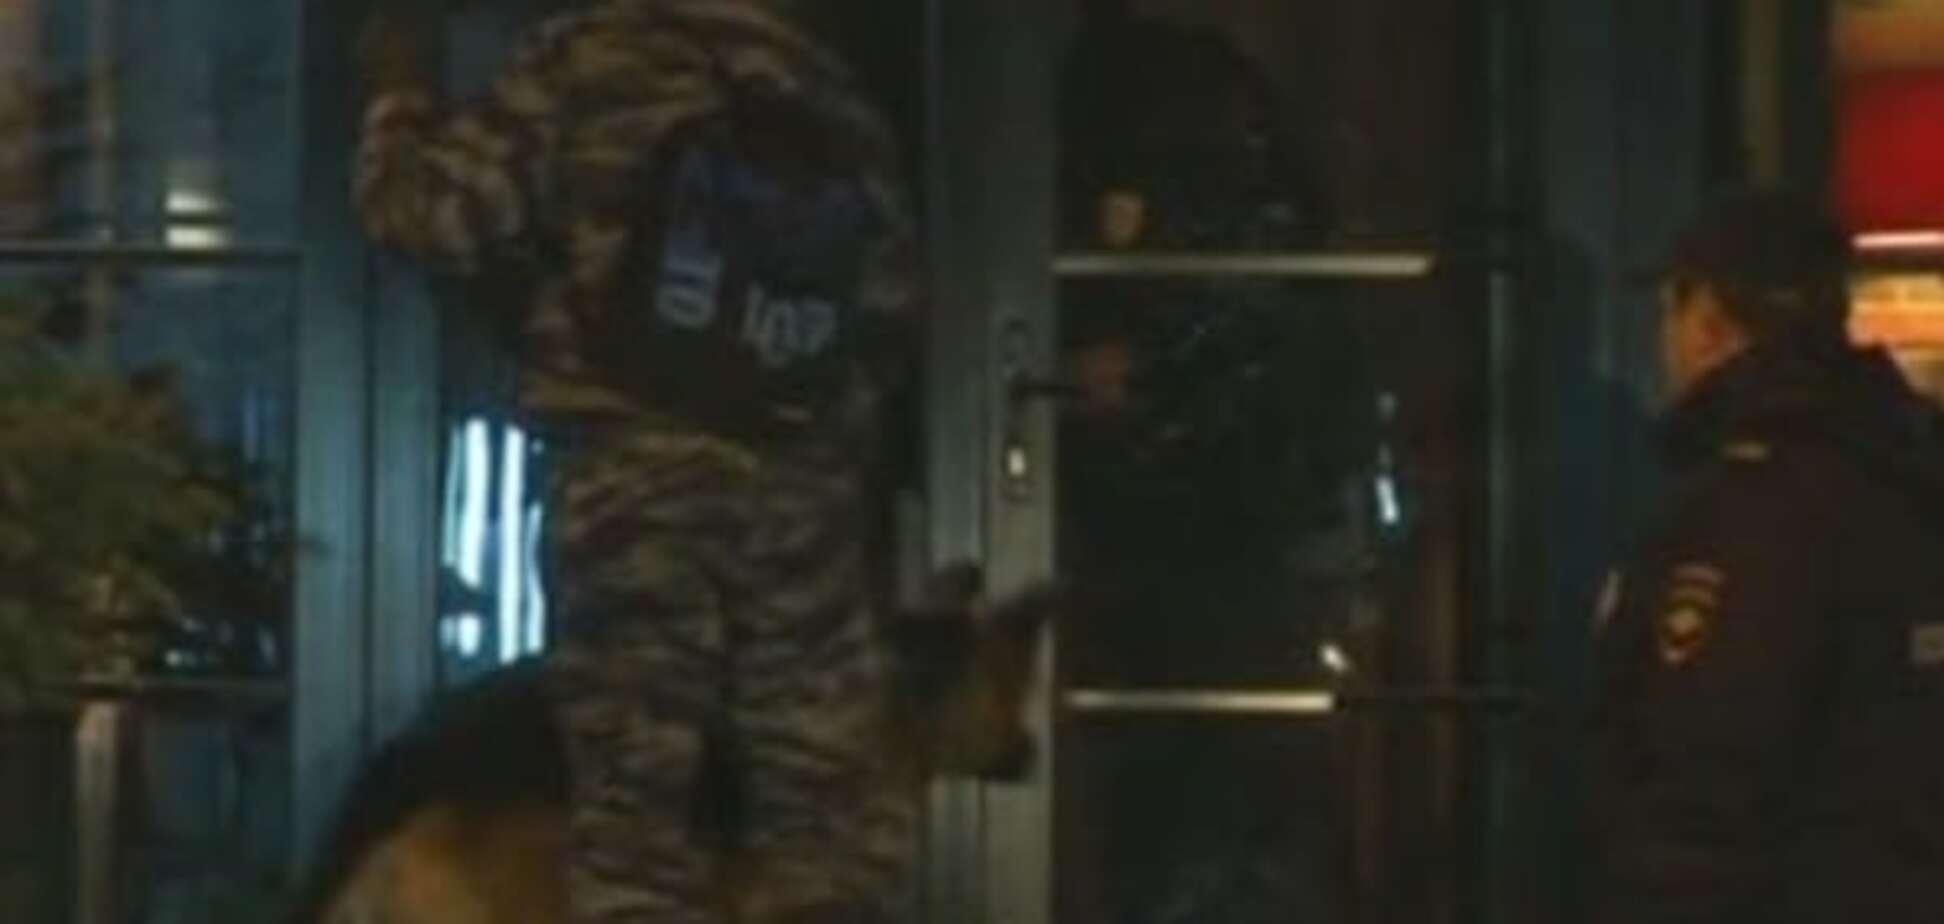 'Шакалом жив, шакалом здох': Шкіряк заявив, що повірить у смерть Жиліна тільки тоді, коли побачить труп